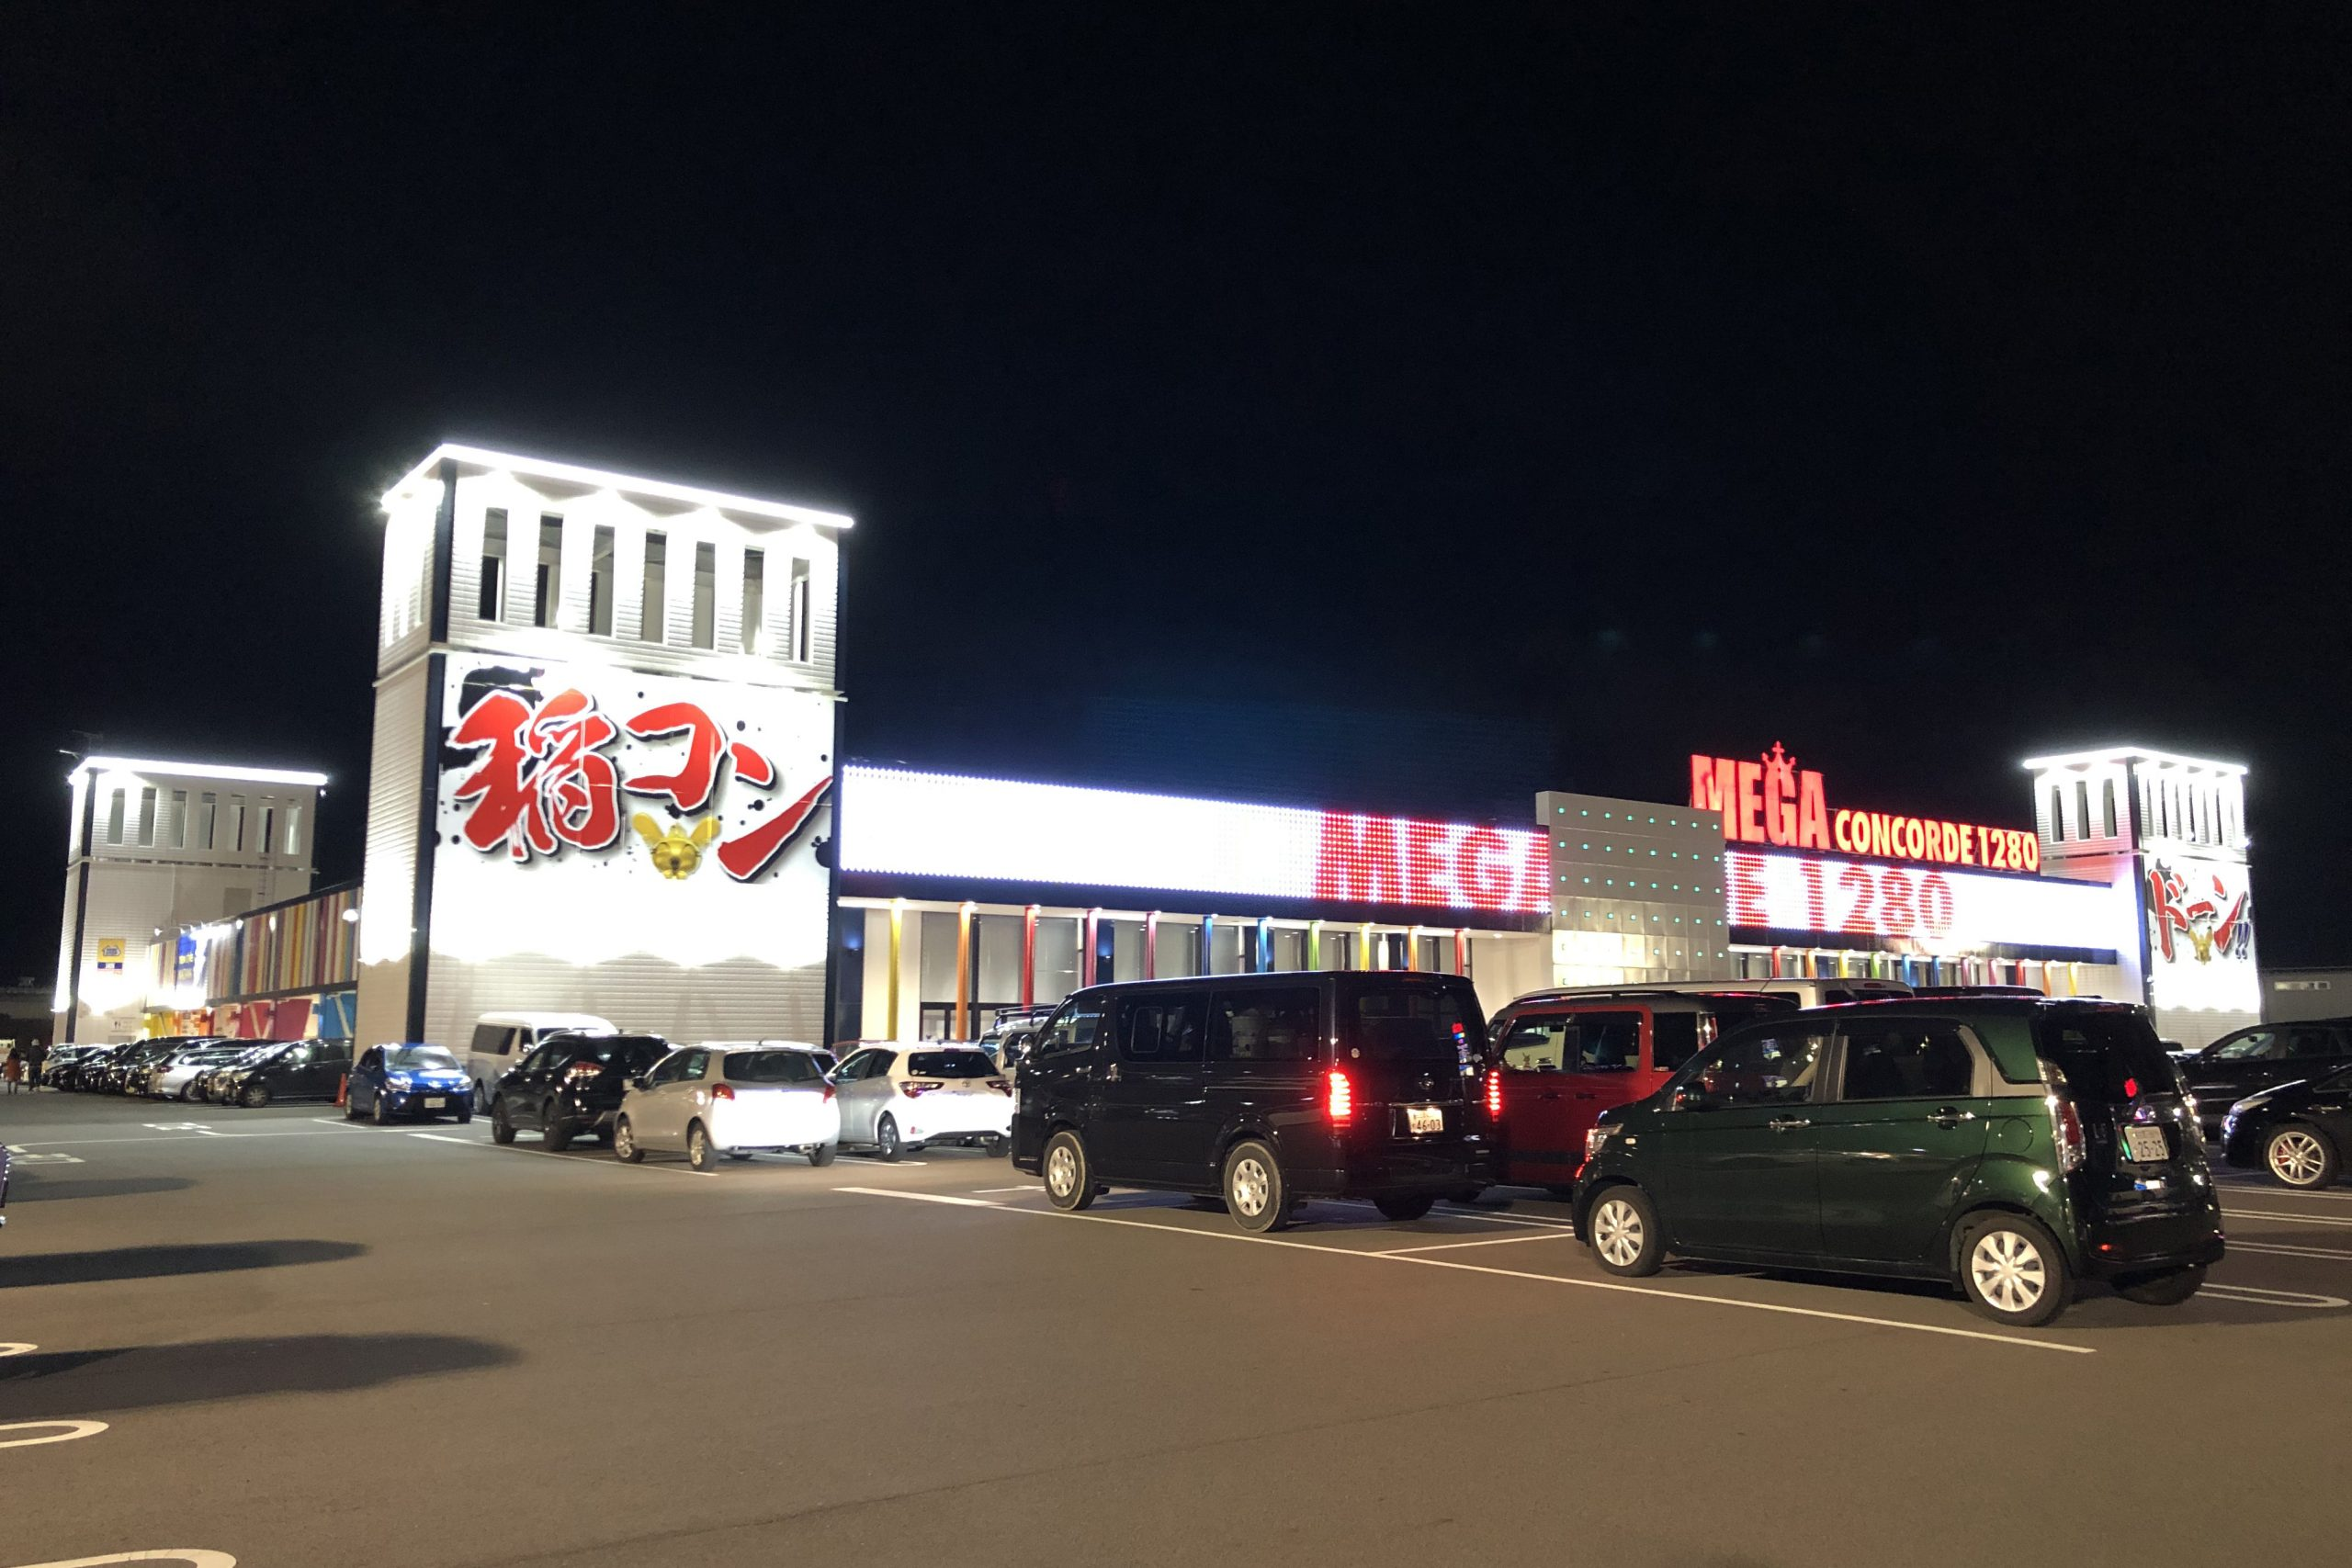 MEGA CONCORDE1280稲沢店様